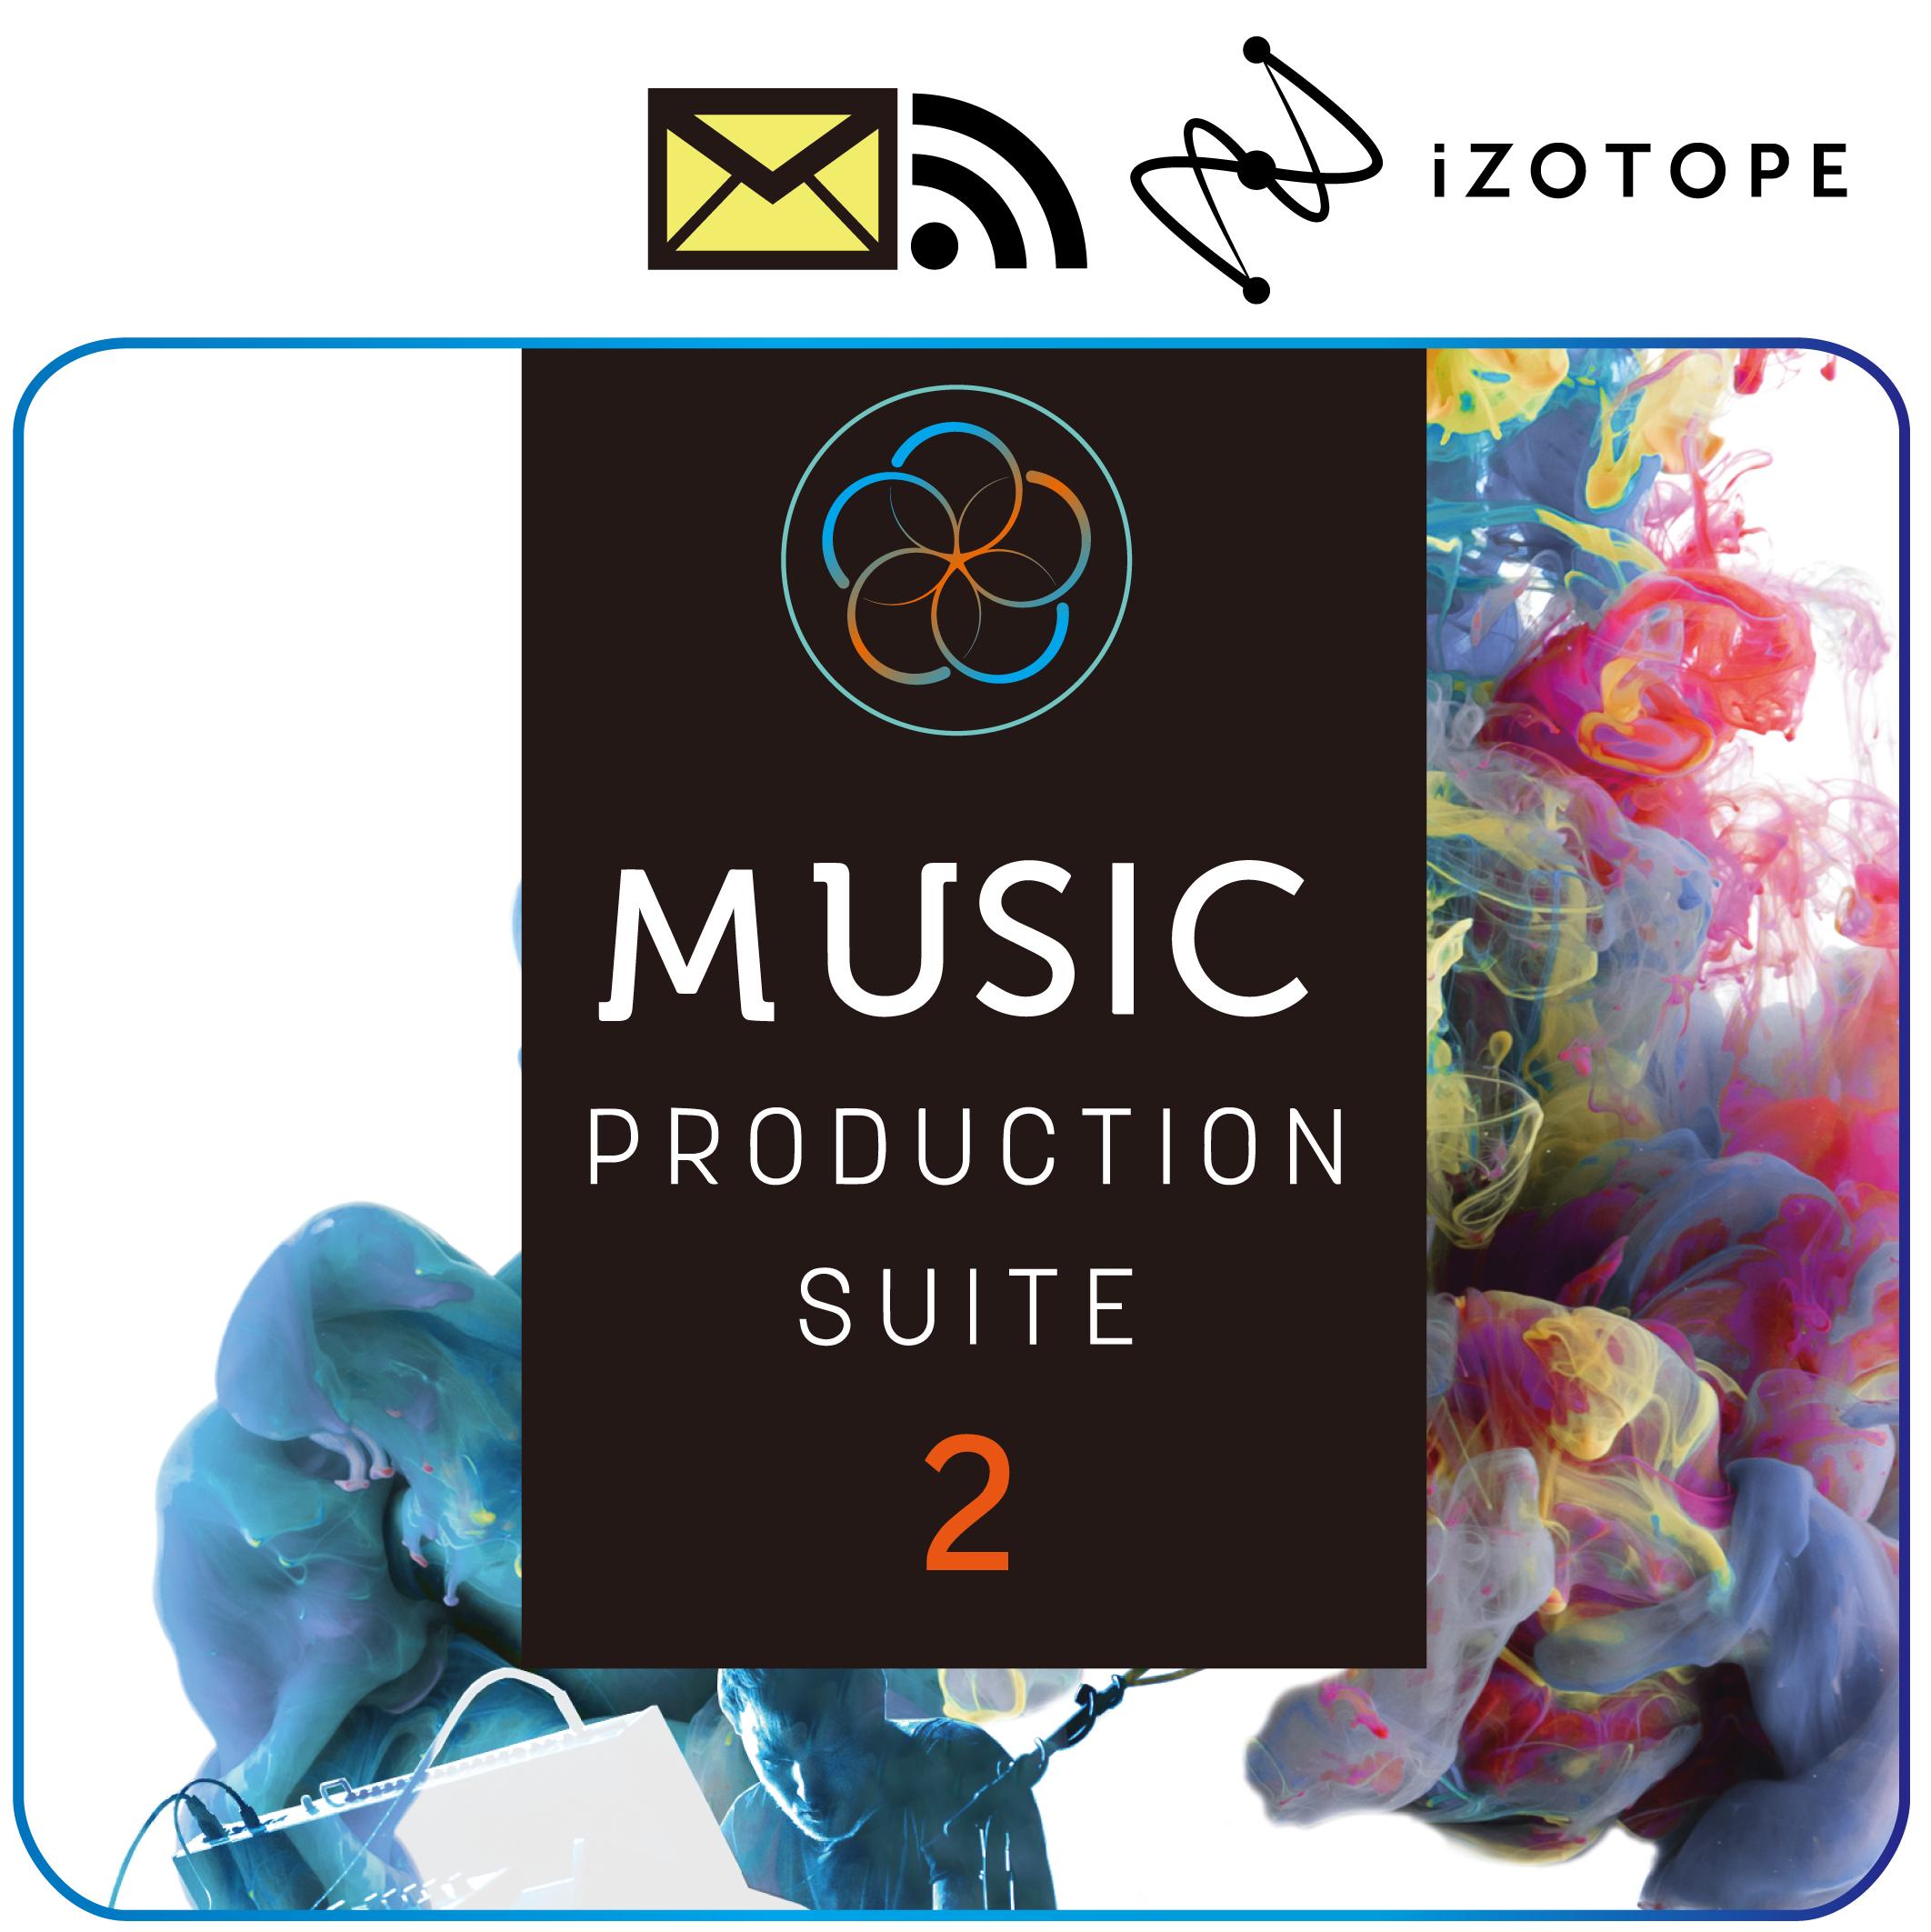 Music Production Suite 2